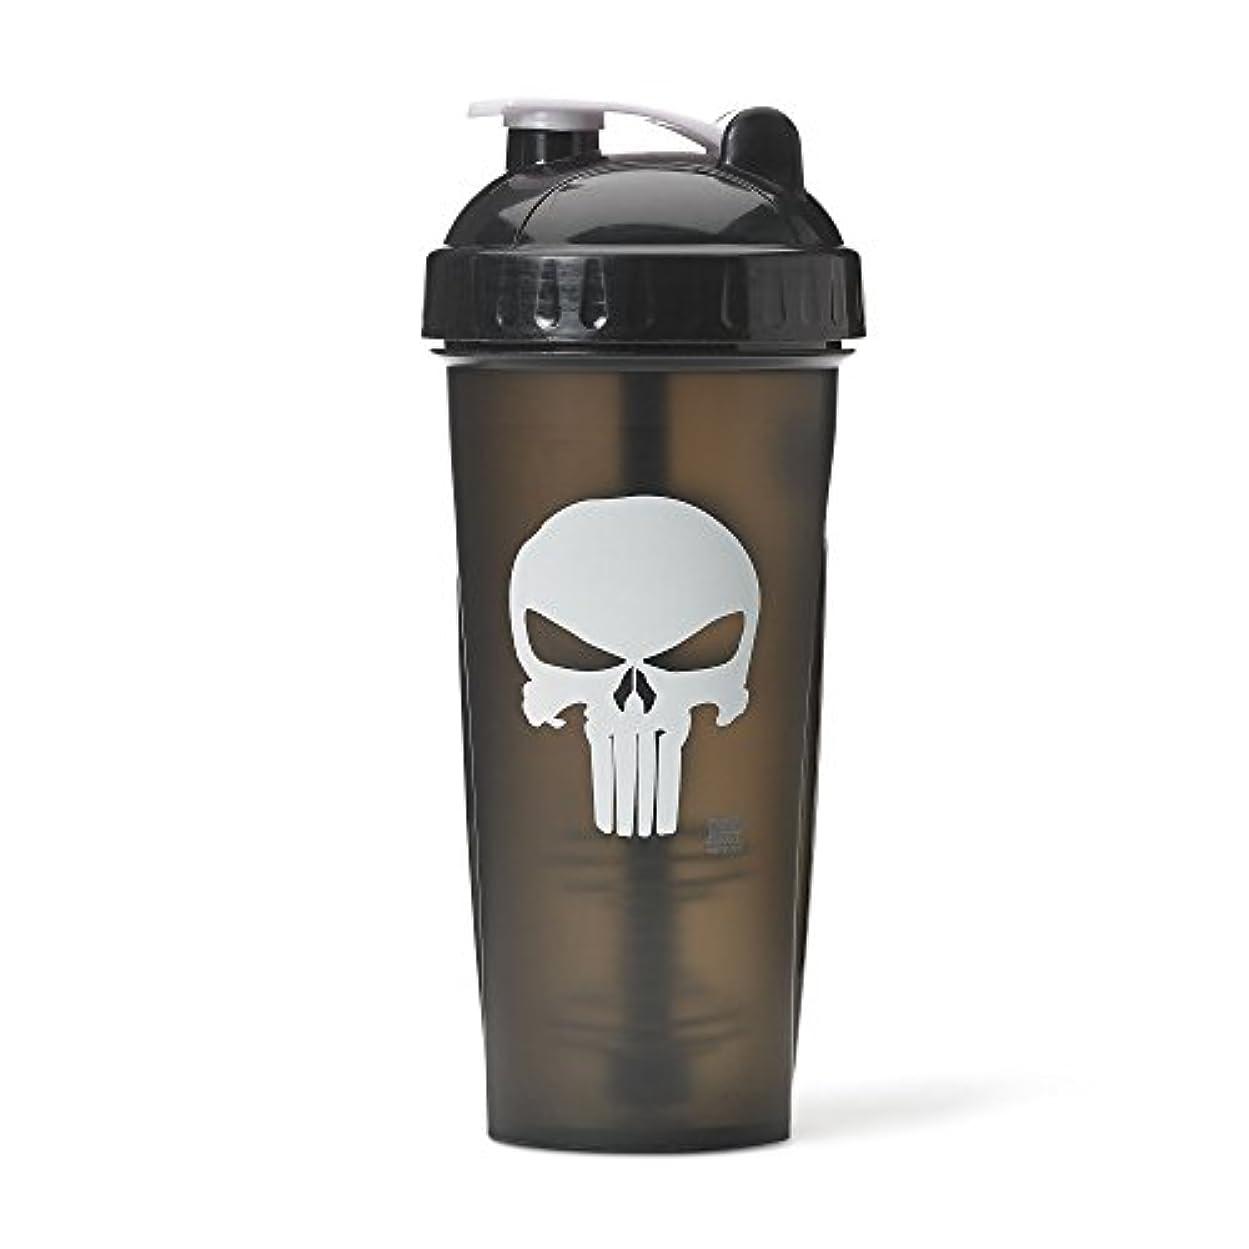 質素な郵便物スリチンモイPerforma Marvel Shaker - Original Series, Leak Free Protein Shaker Bottle with Actionrod Mixing Technology for...